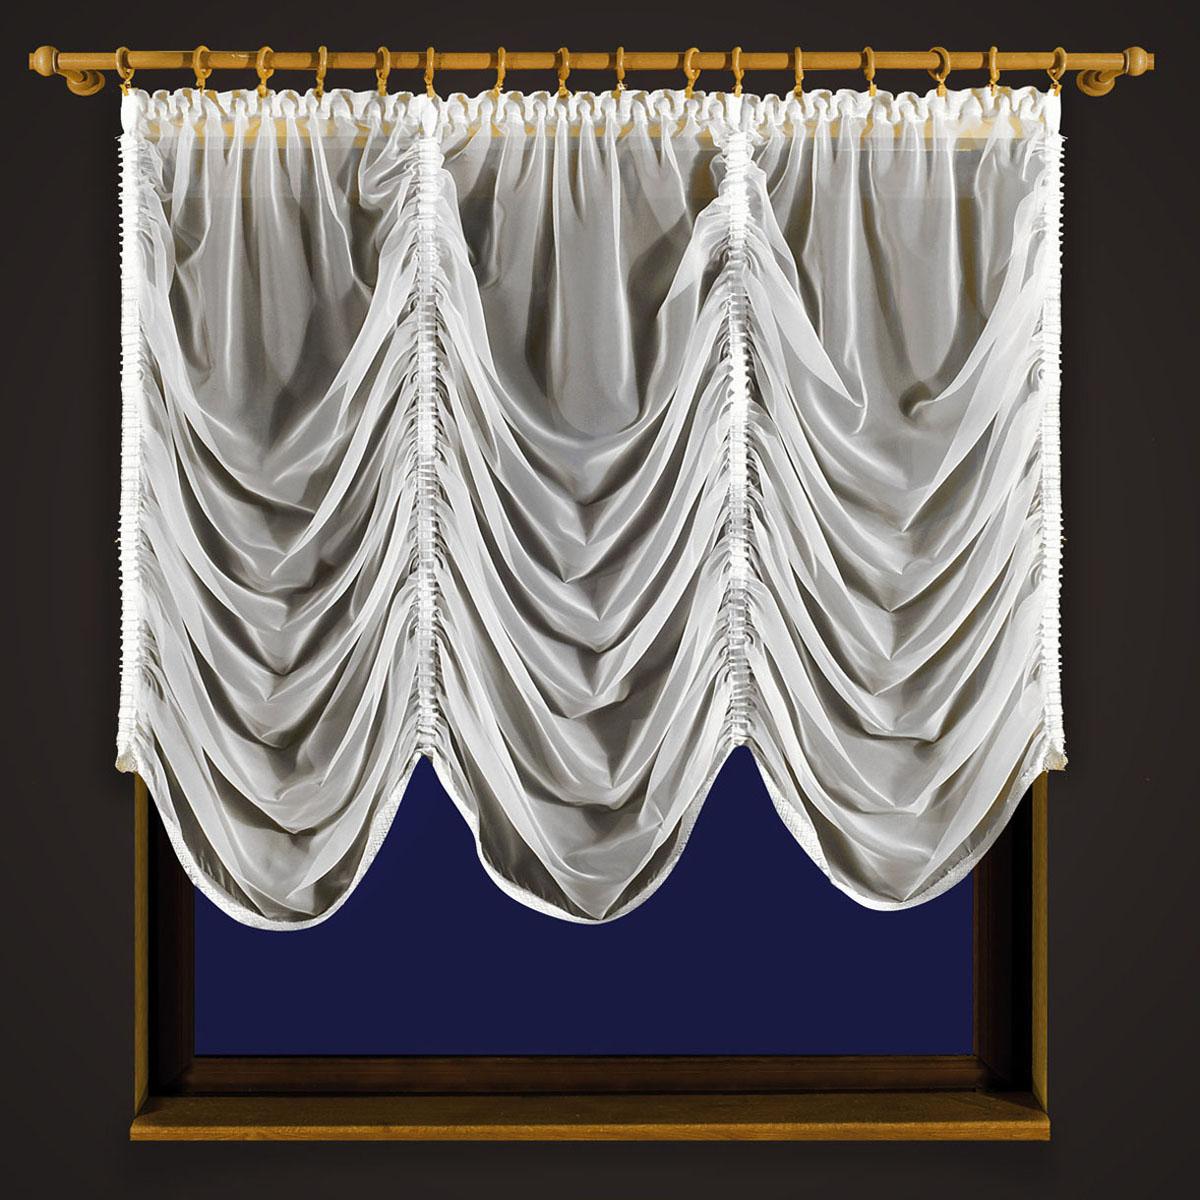 Гардина Zlata Korunka, цвет: белый, высота 250 см. 55608PANTERA SPX-2RSГардина Zlata Korunka, изготовленная из высококачественного полиэстера, станет великолепным украшением любого окна. Изделие из вуали выполнено по типу французской шторы. Вдоль полотна прошиты четыре туннеля, по которым гардина собирается гардина до нужных размеров. Оригинальная гардина внесет разнообразие и подарит заряд положительного настроения.Размер несобранного полотна: 250 х 250 см.